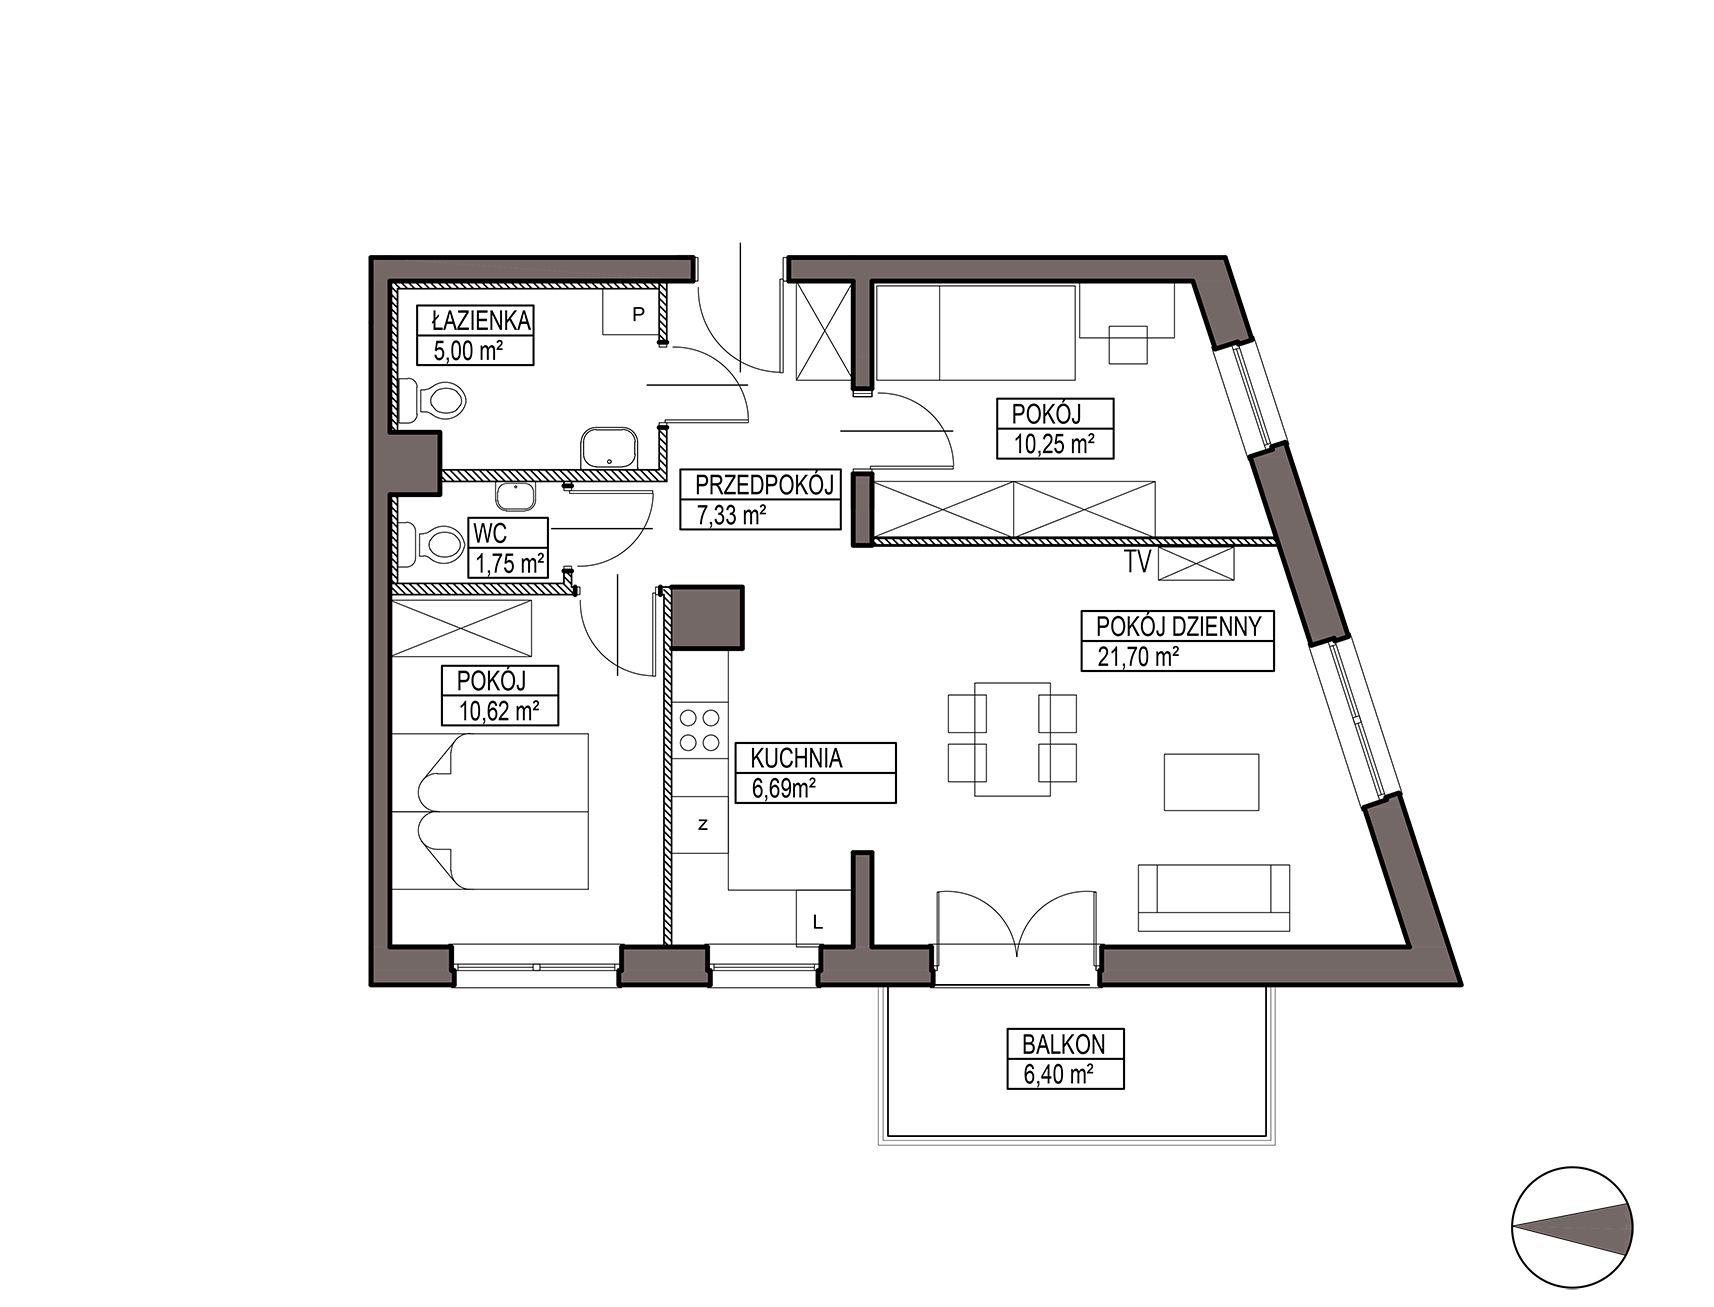 Uroczysko III / budynek 6 / mieszkanie H/0/8 rzut 1